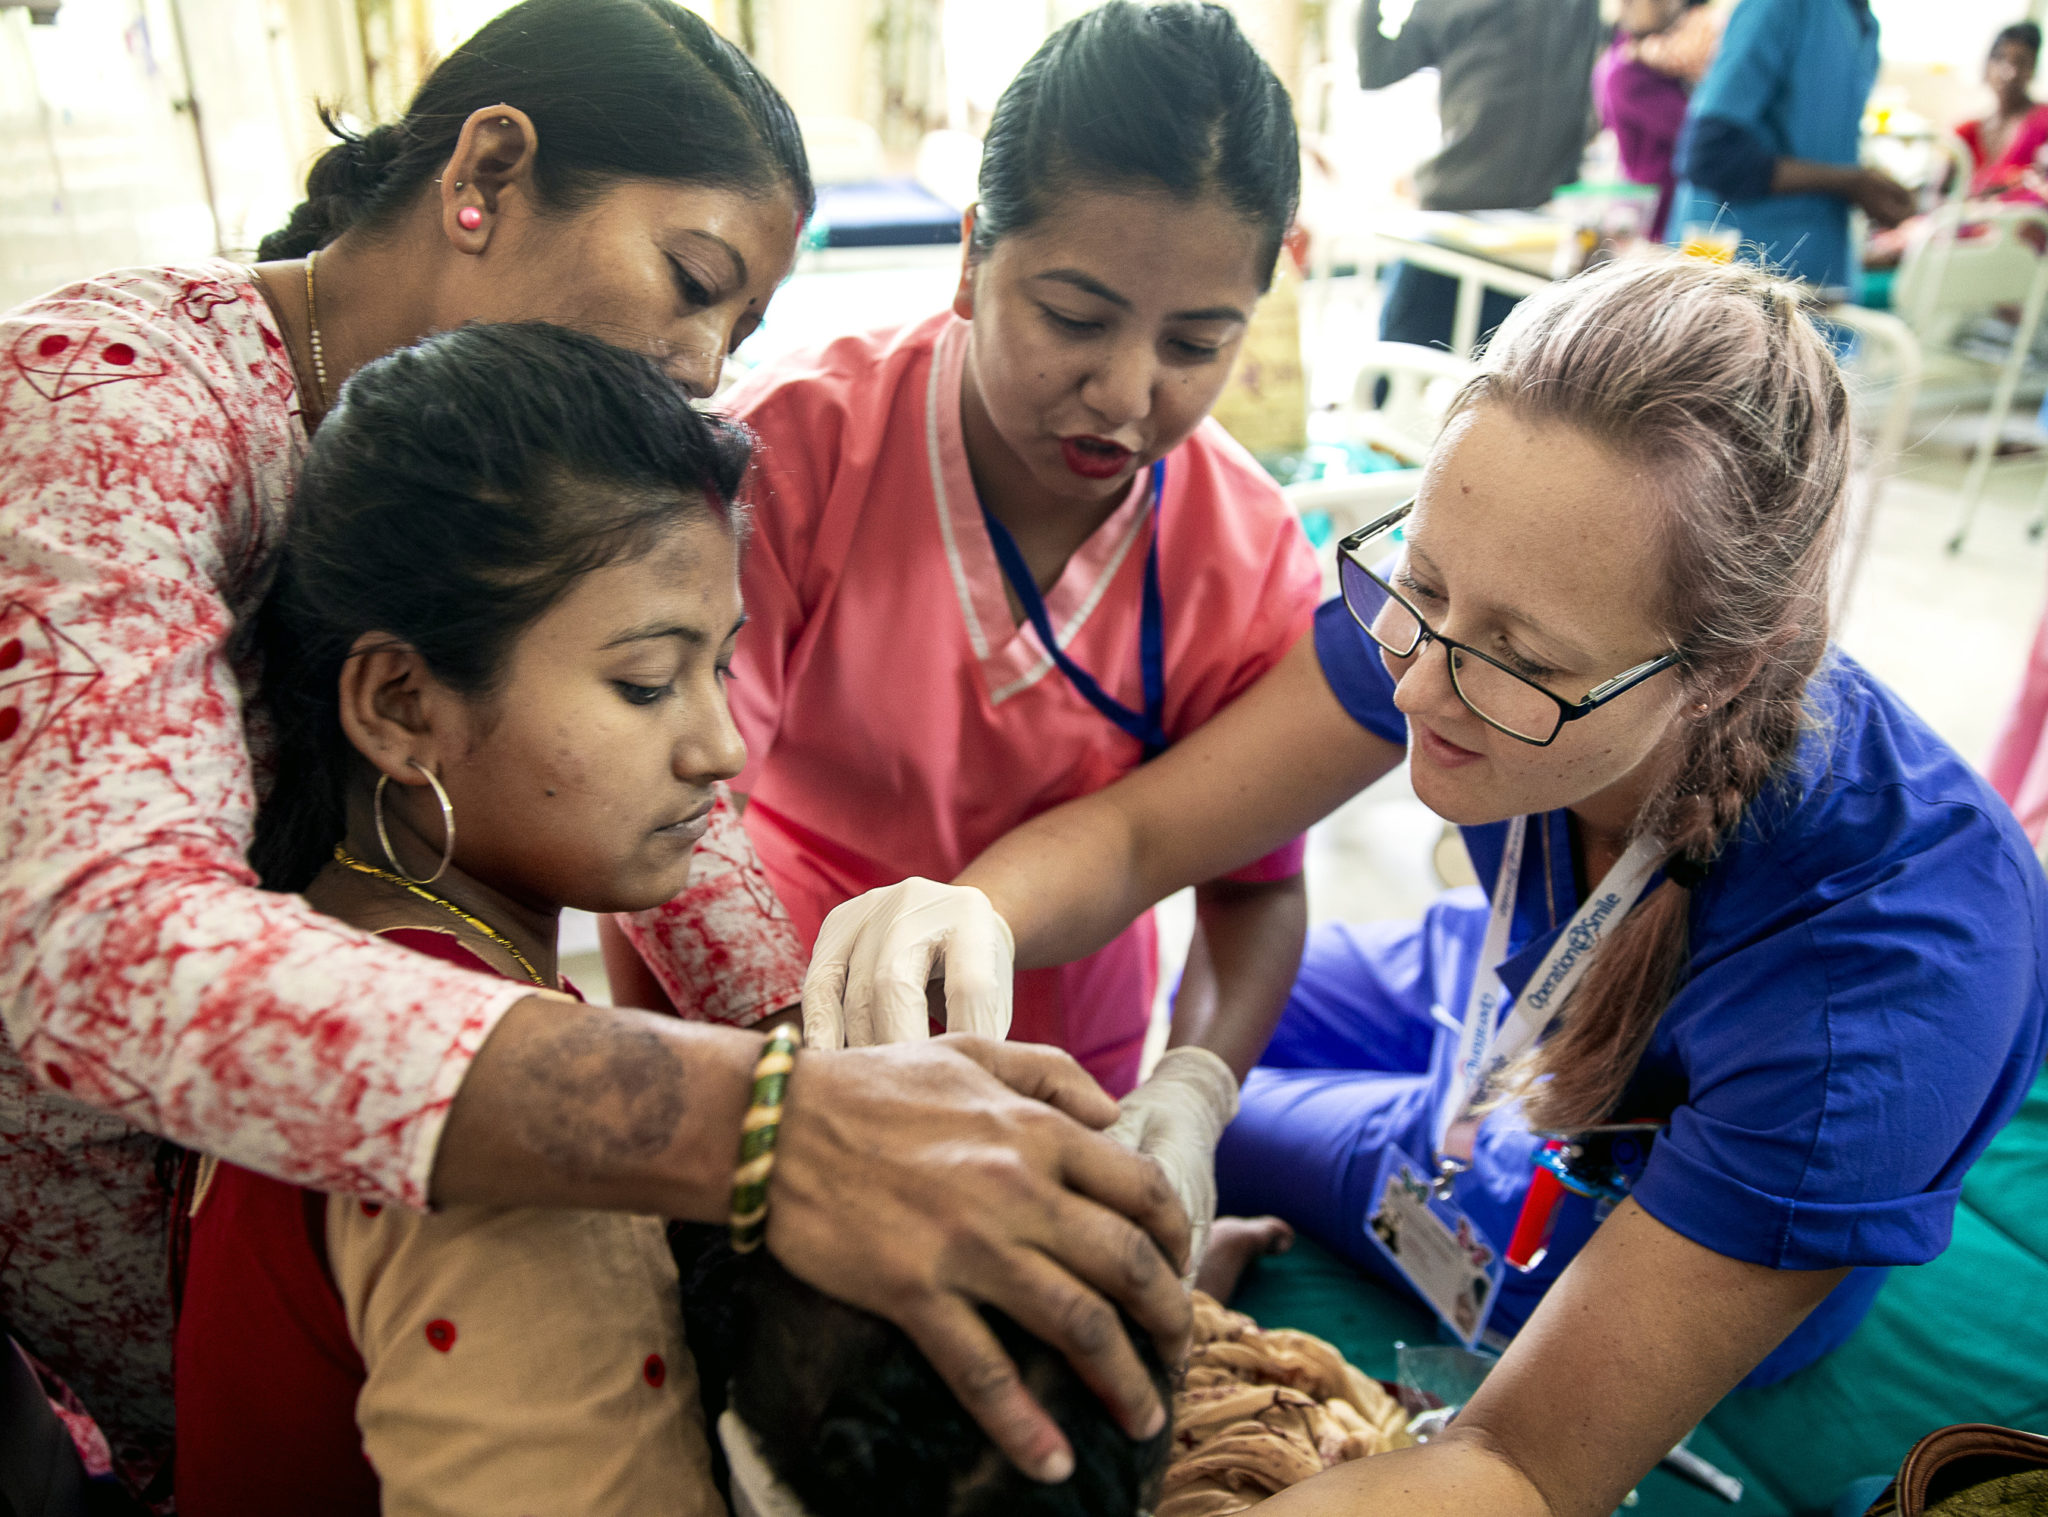 volontär erica maria skåål undersöker patient med gomspalt